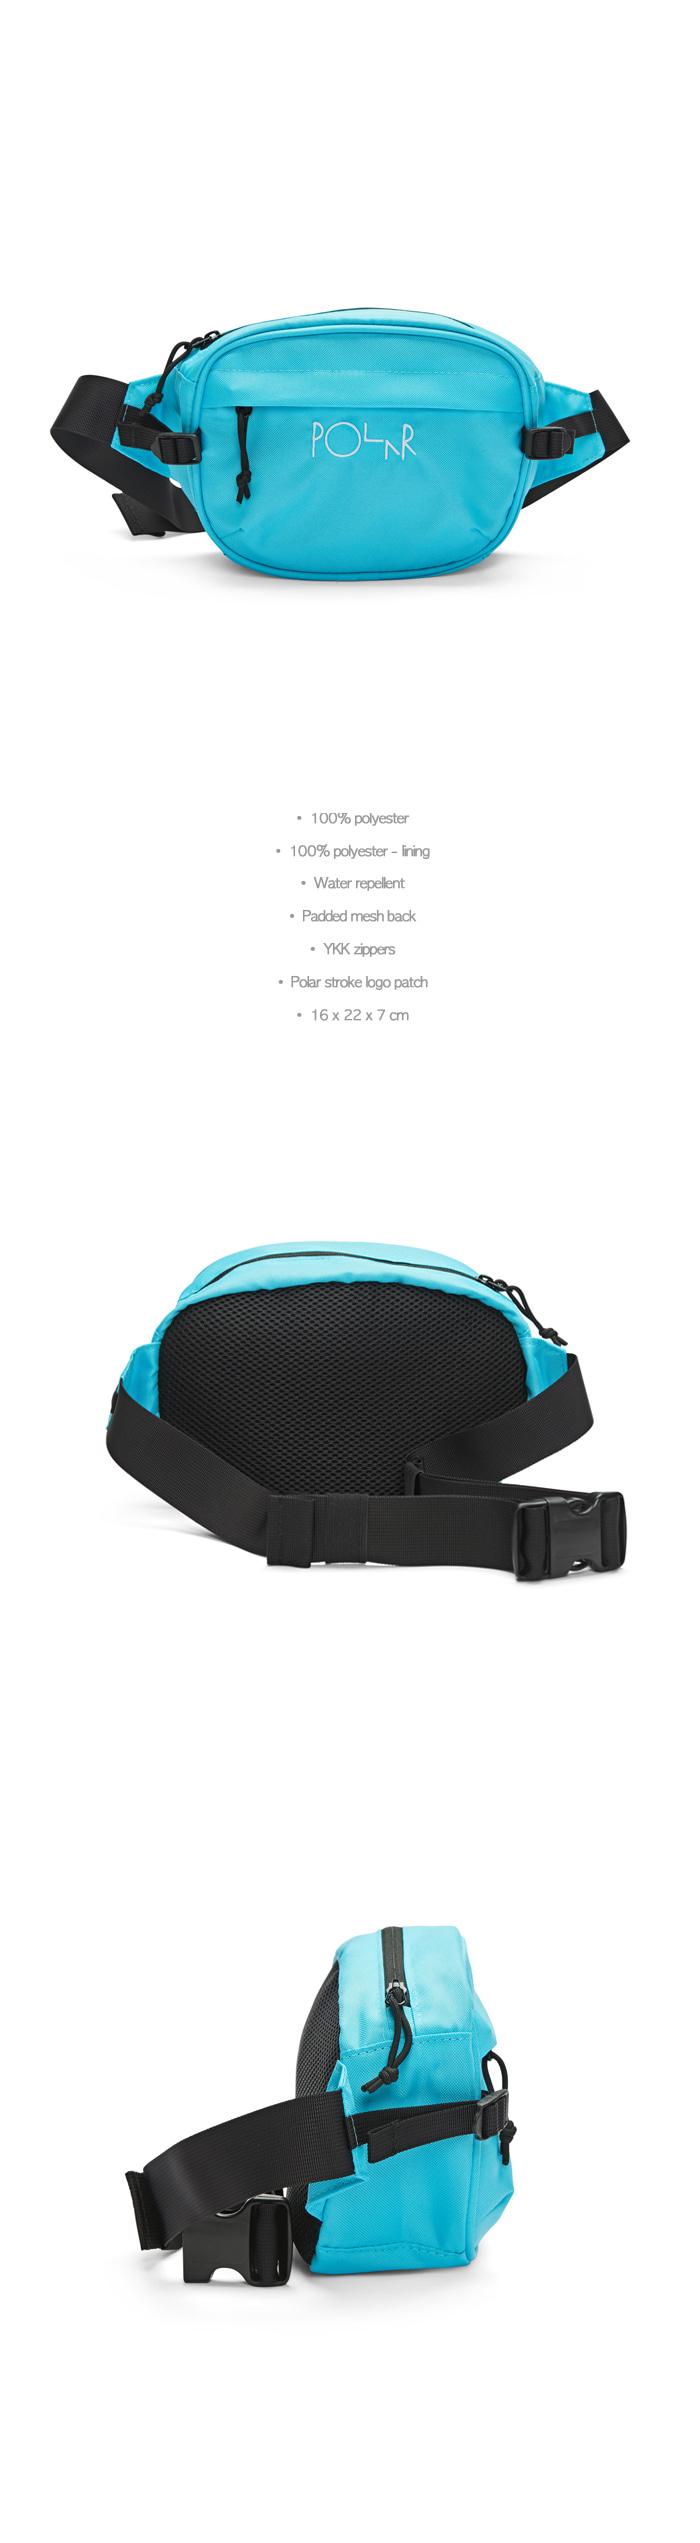 폴라(POLAR) Cordura Hip Bag - Aqua [SU19]